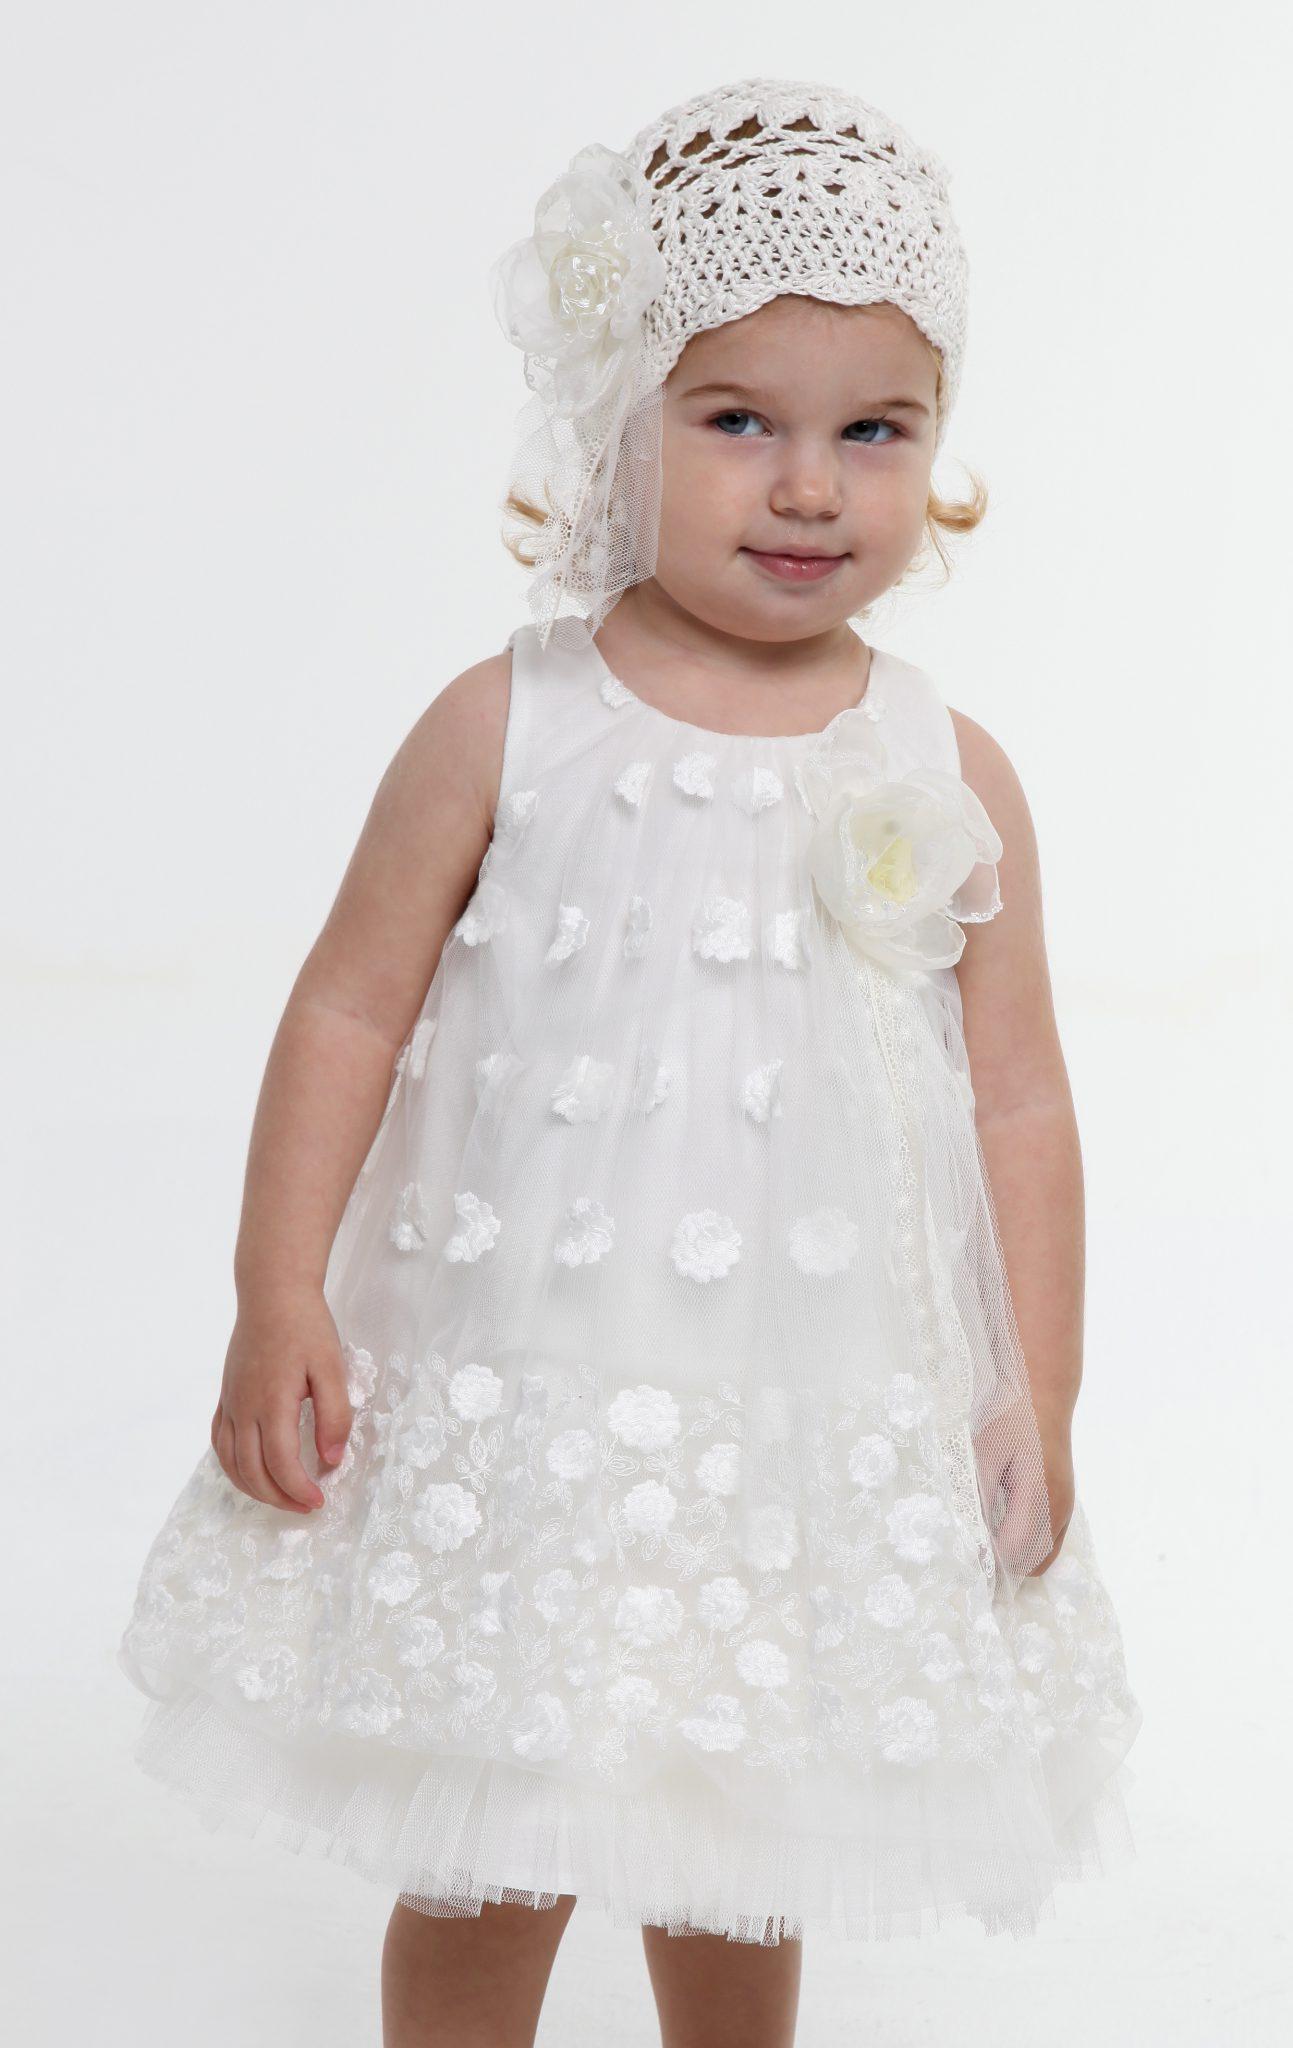 78429325b69 Βαπτιστικά Ρούχα για Κορίτσι 58 | Γάμος & Βάπτιση στο Ηράκλειο Κρήτης